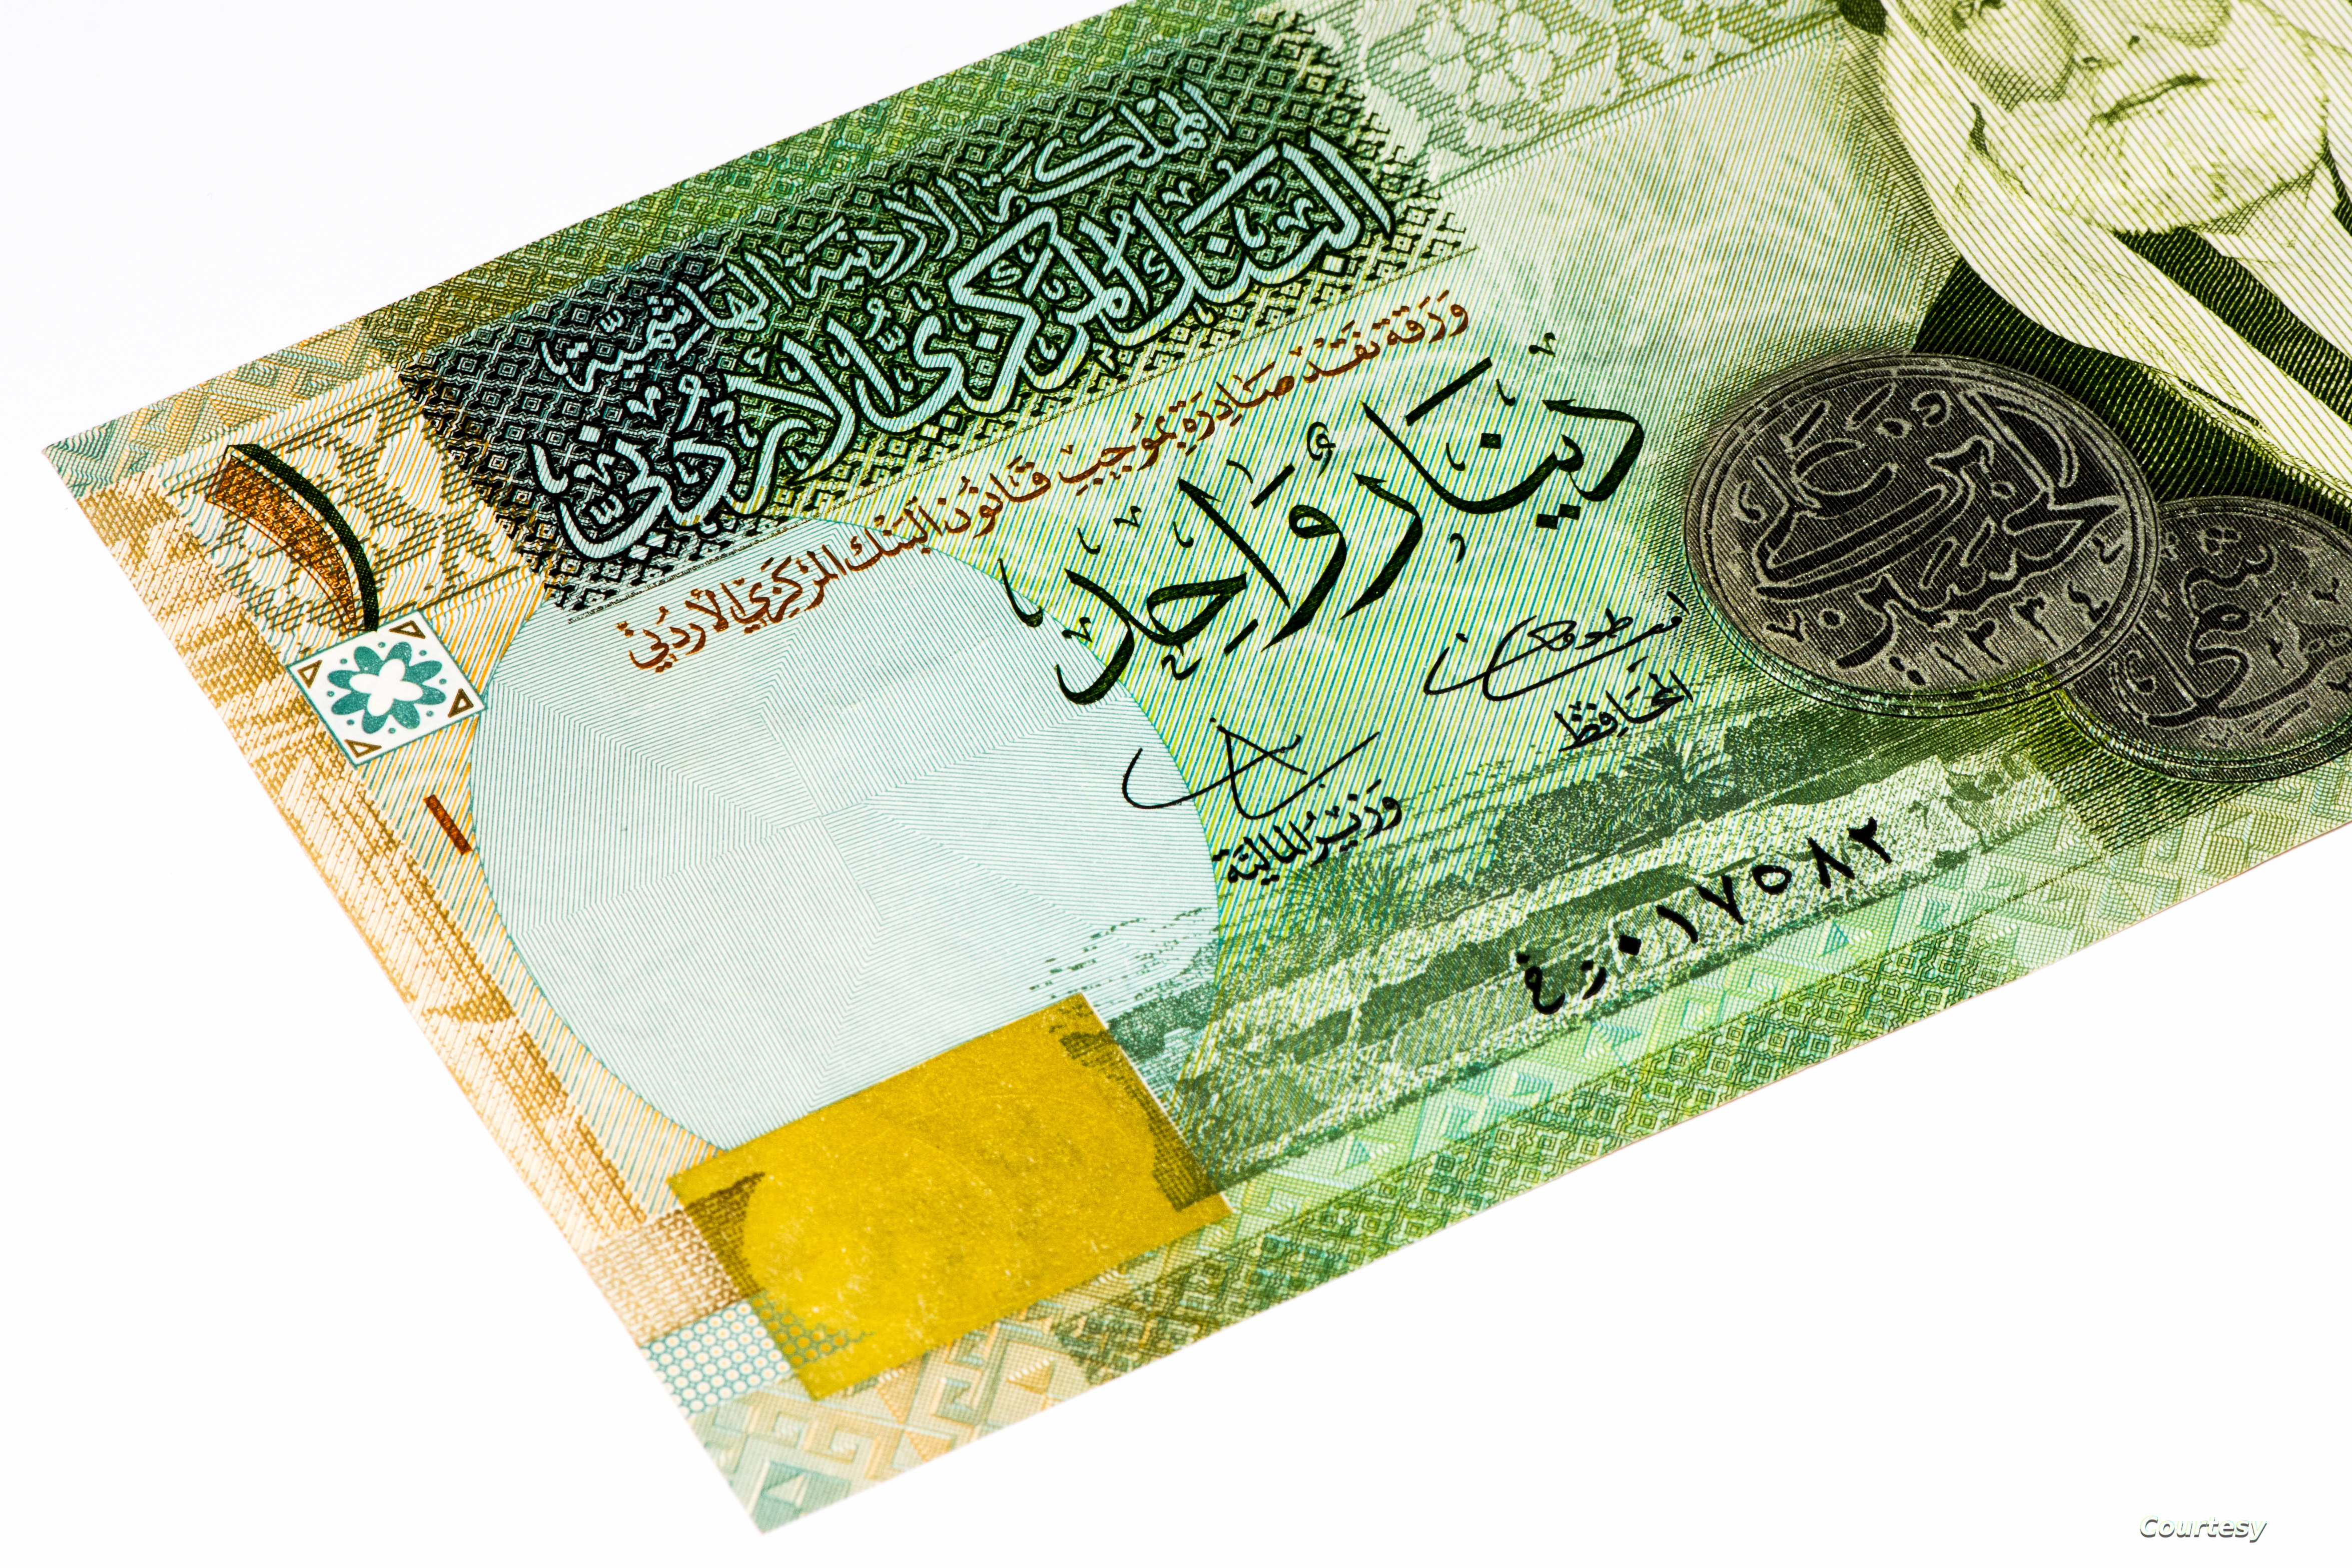 أقوى العملات العربية.. اكتشف ترتيب بلدك! | Radiosawa